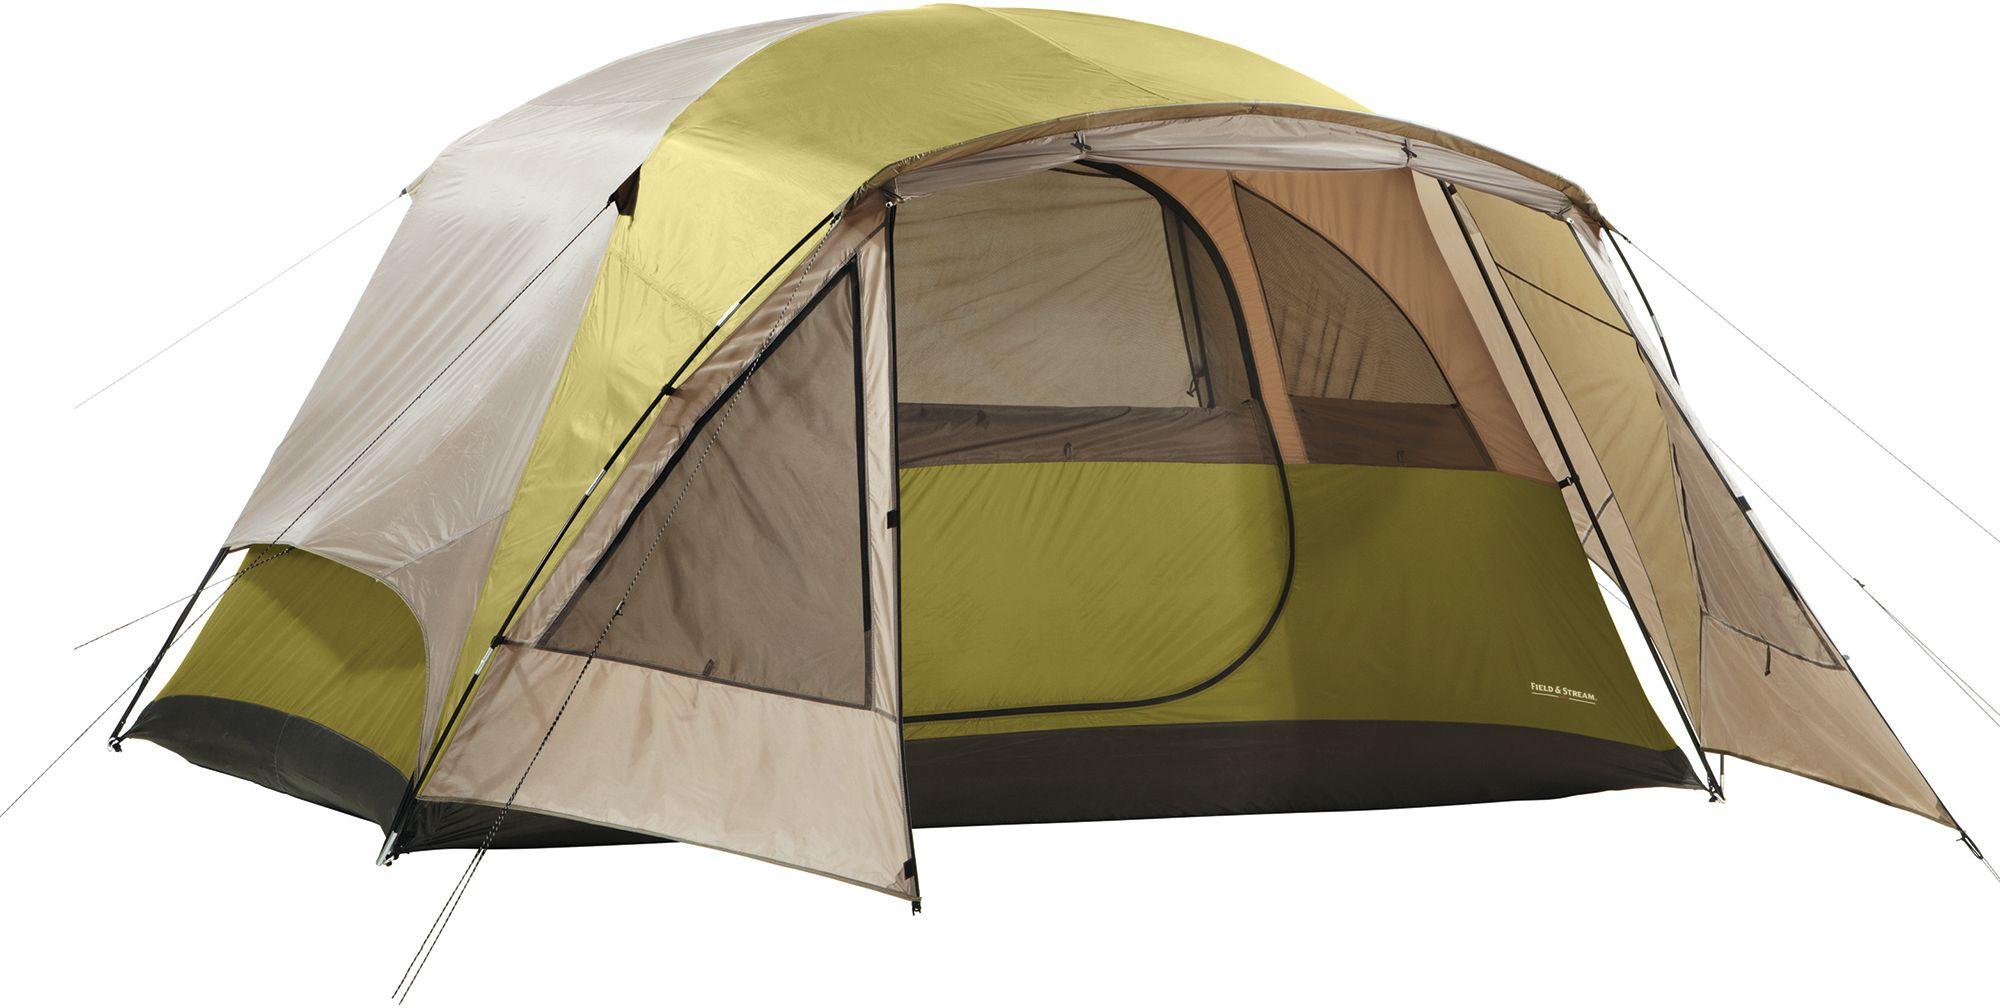 Field u0026 Stream Wilderness Lodge 6 Person Dome Tent  sc 1 st  Field u0026 Stream & Field u0026 Stream Wilderness Lodge 6 Person Dome Tent   Field u0026 Stream